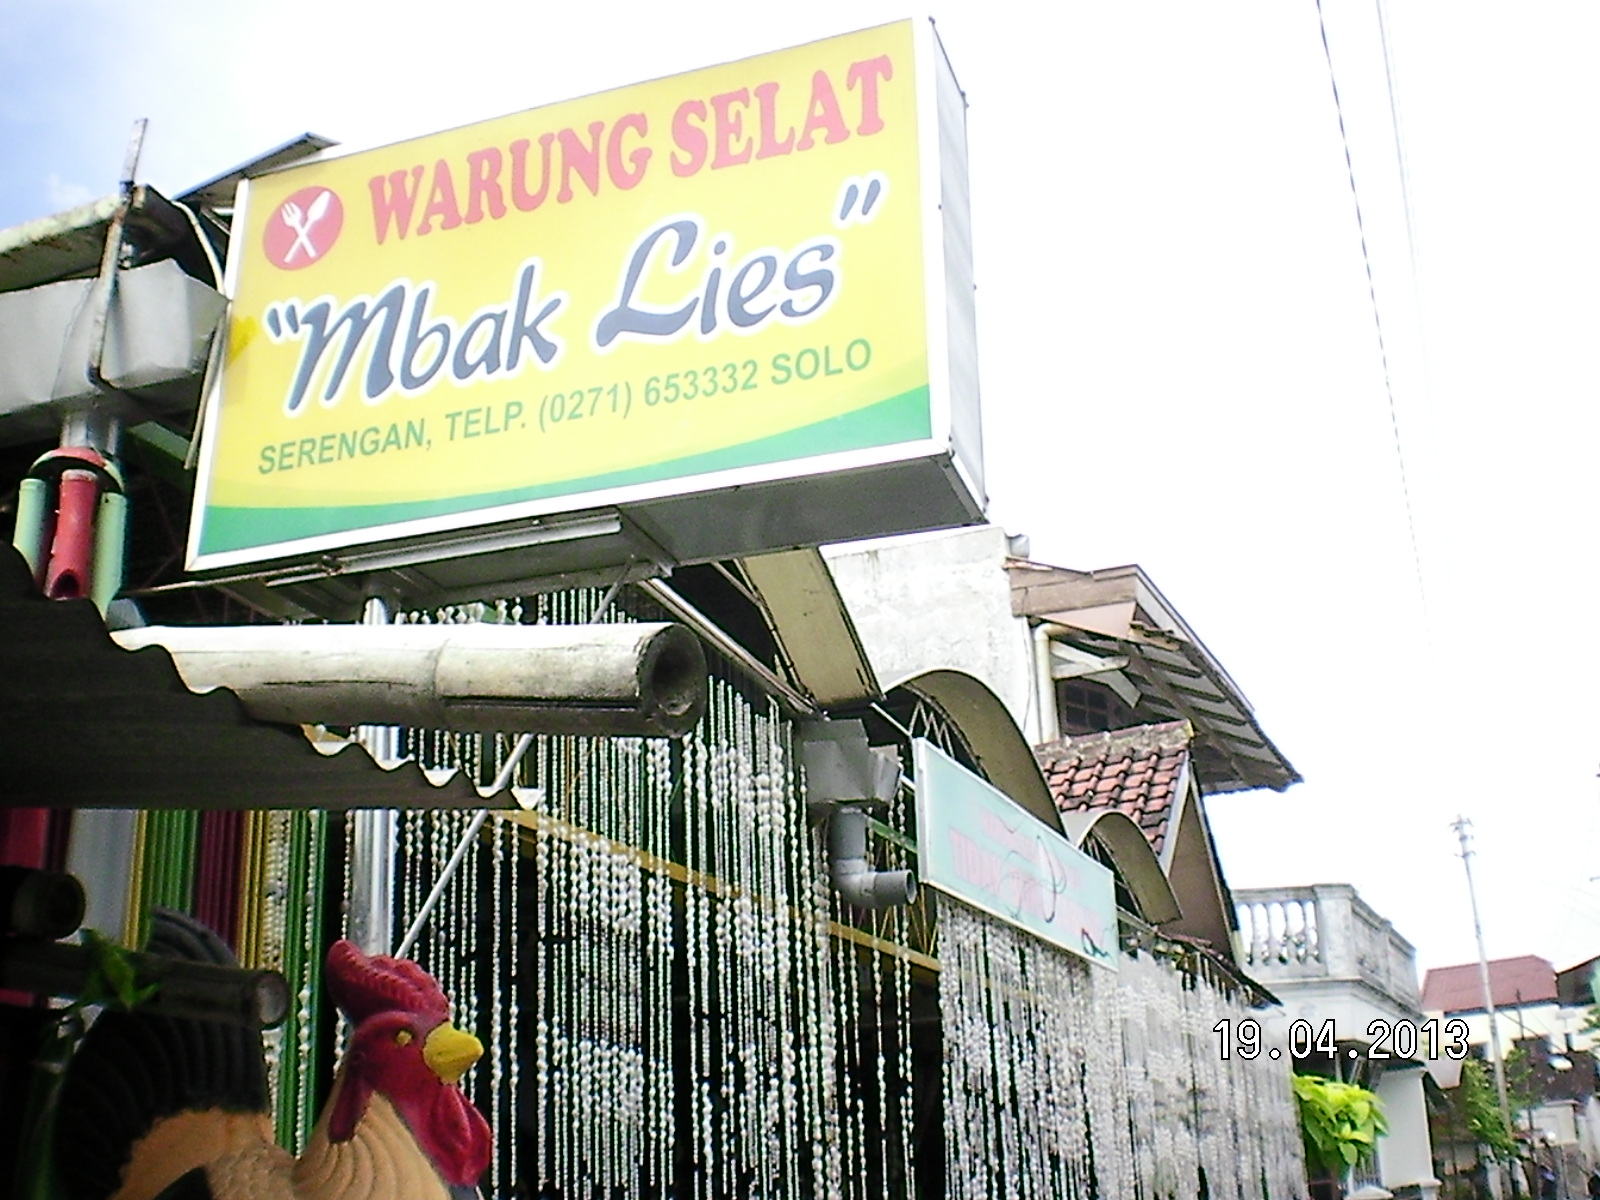 warung-selat-mbak-lies-2